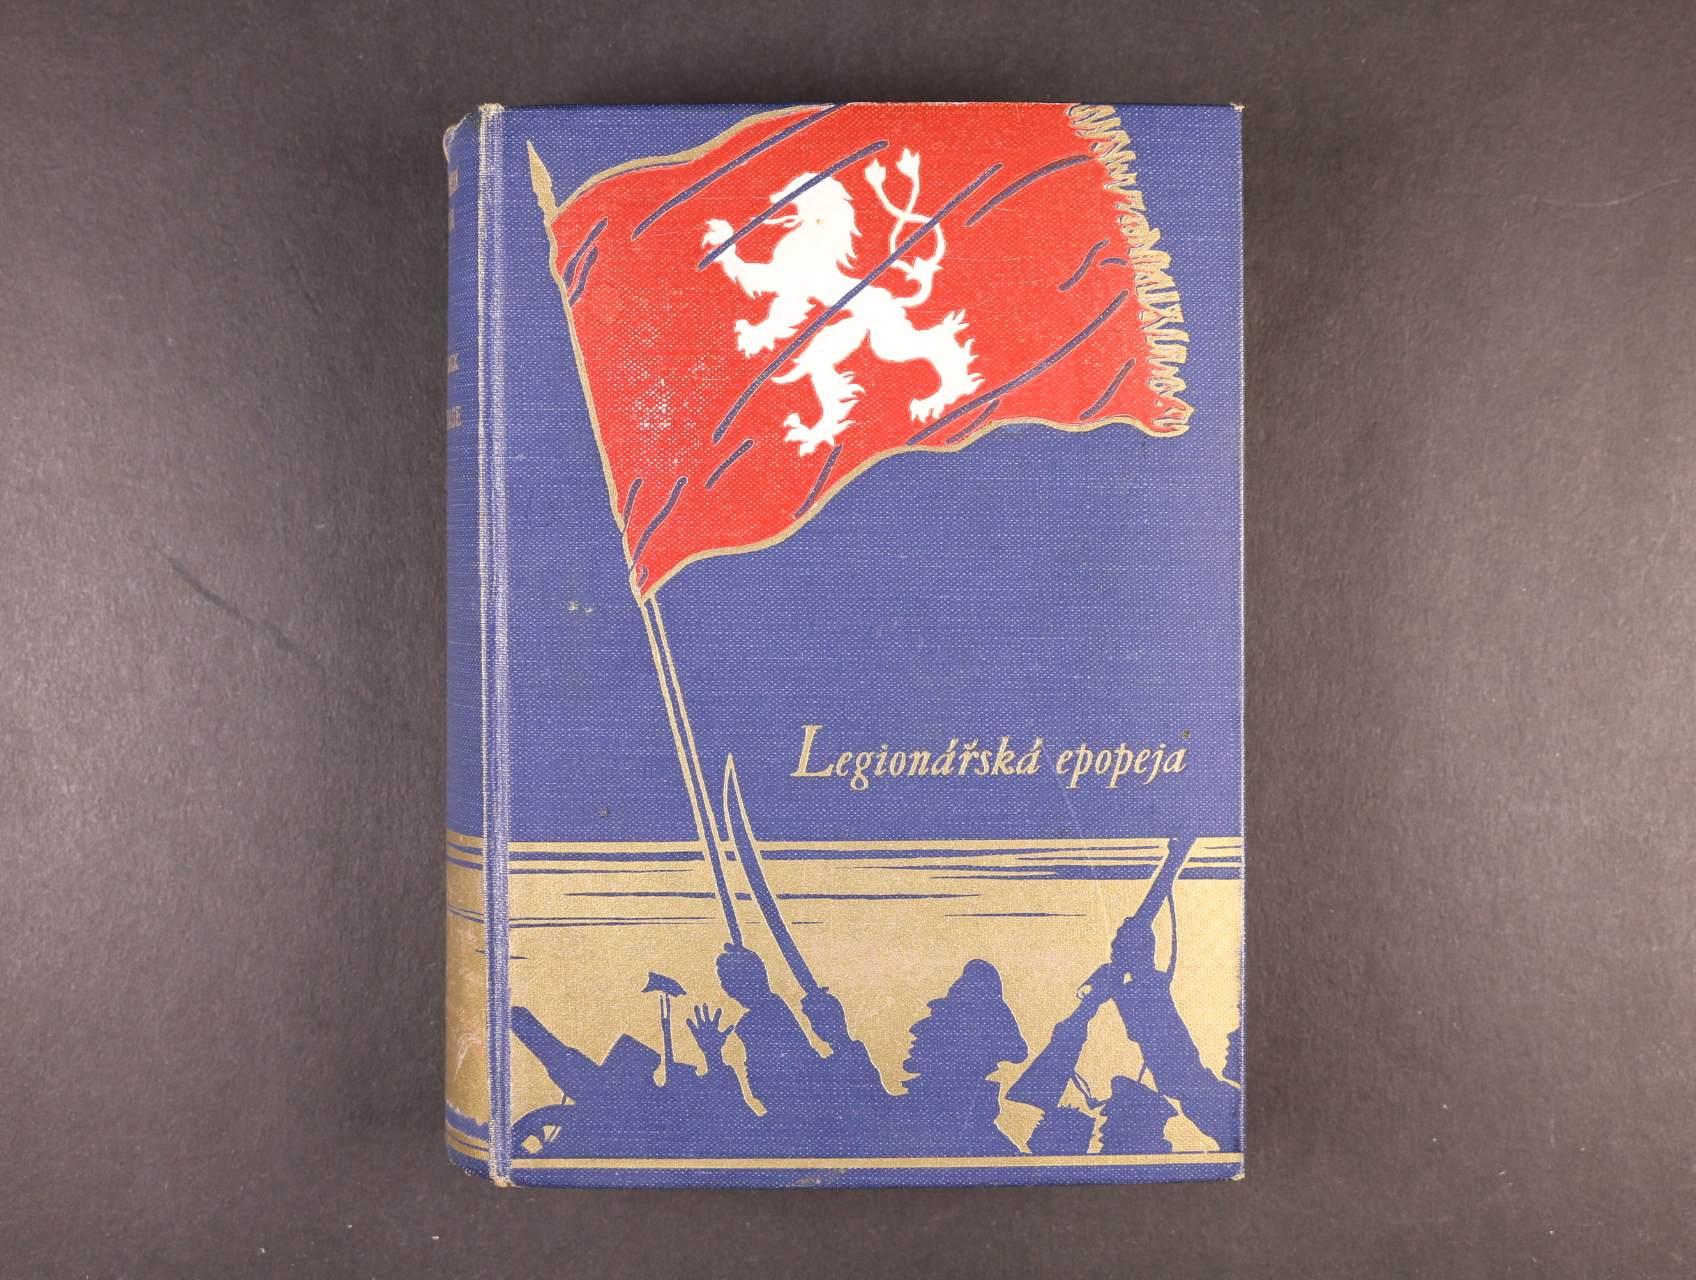 Medek Rudolf 1890 - 1940, armádní generál, prozaik a spisovatel - vlastnoručně podepsaný román z války